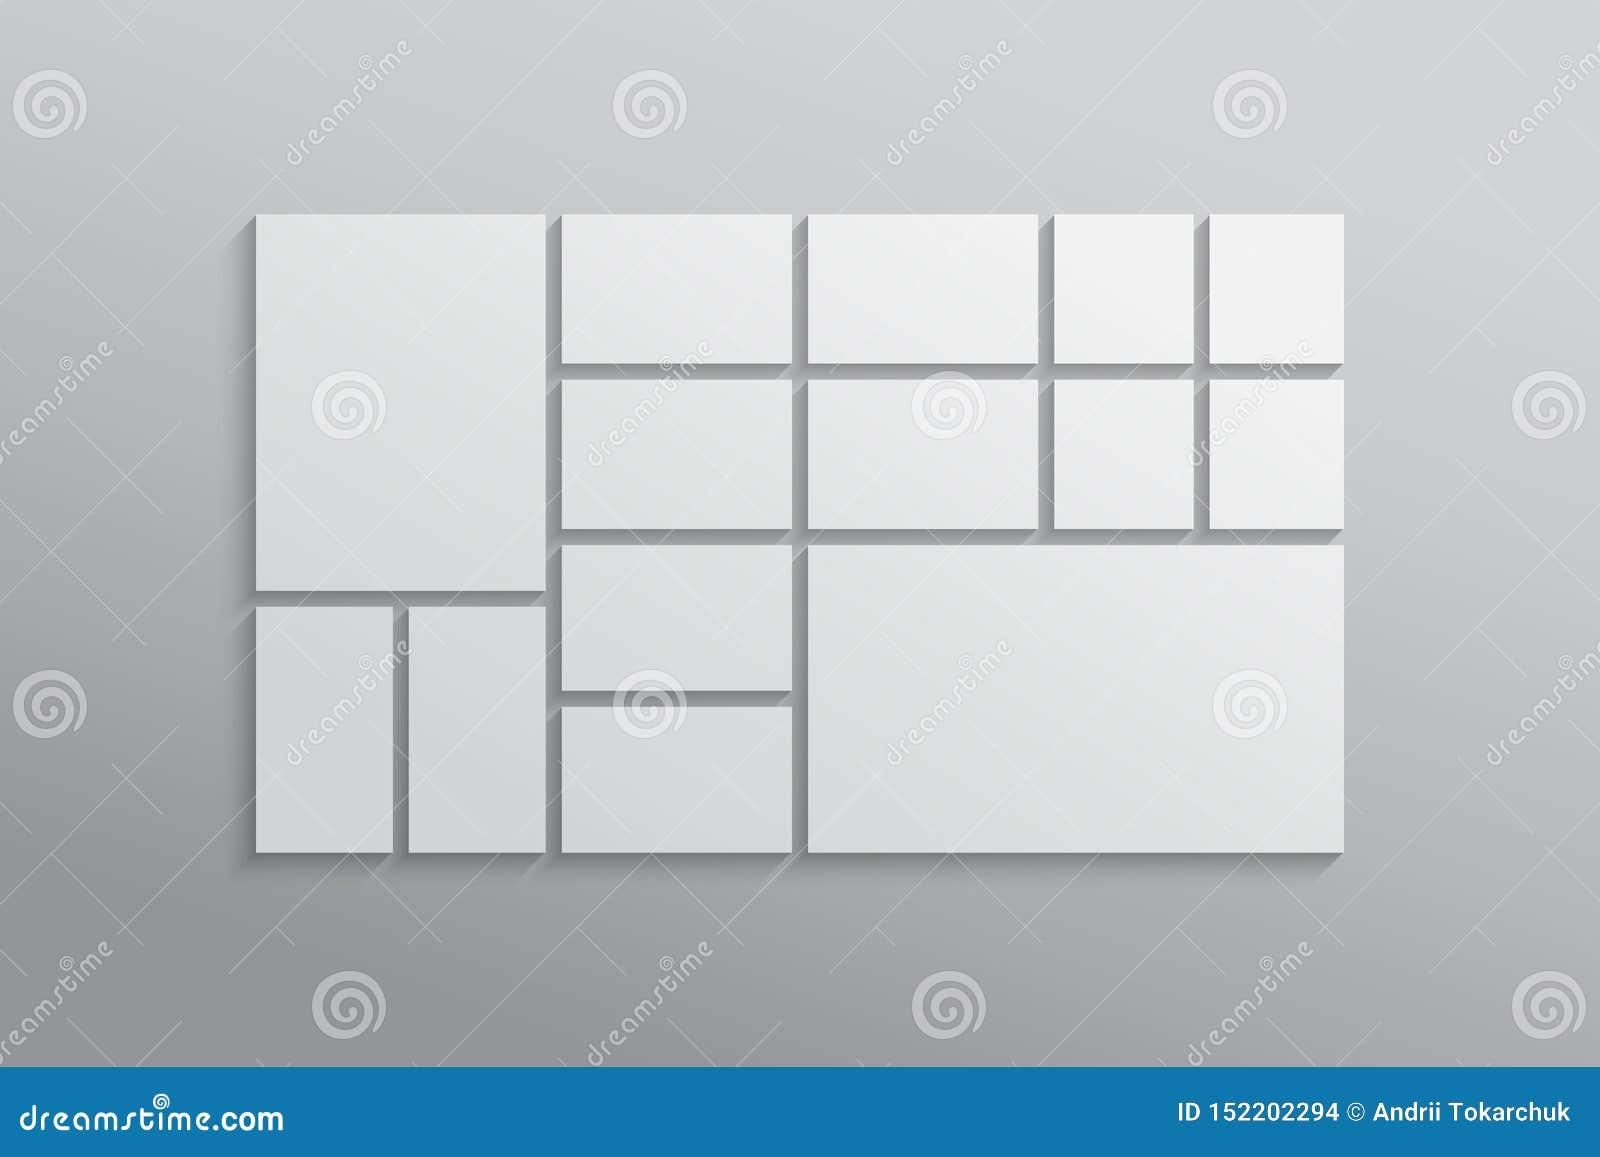 Κολάζ δεκατέσσερα πλαίσια, φωτογραφίες, μέρη ή εικόνες